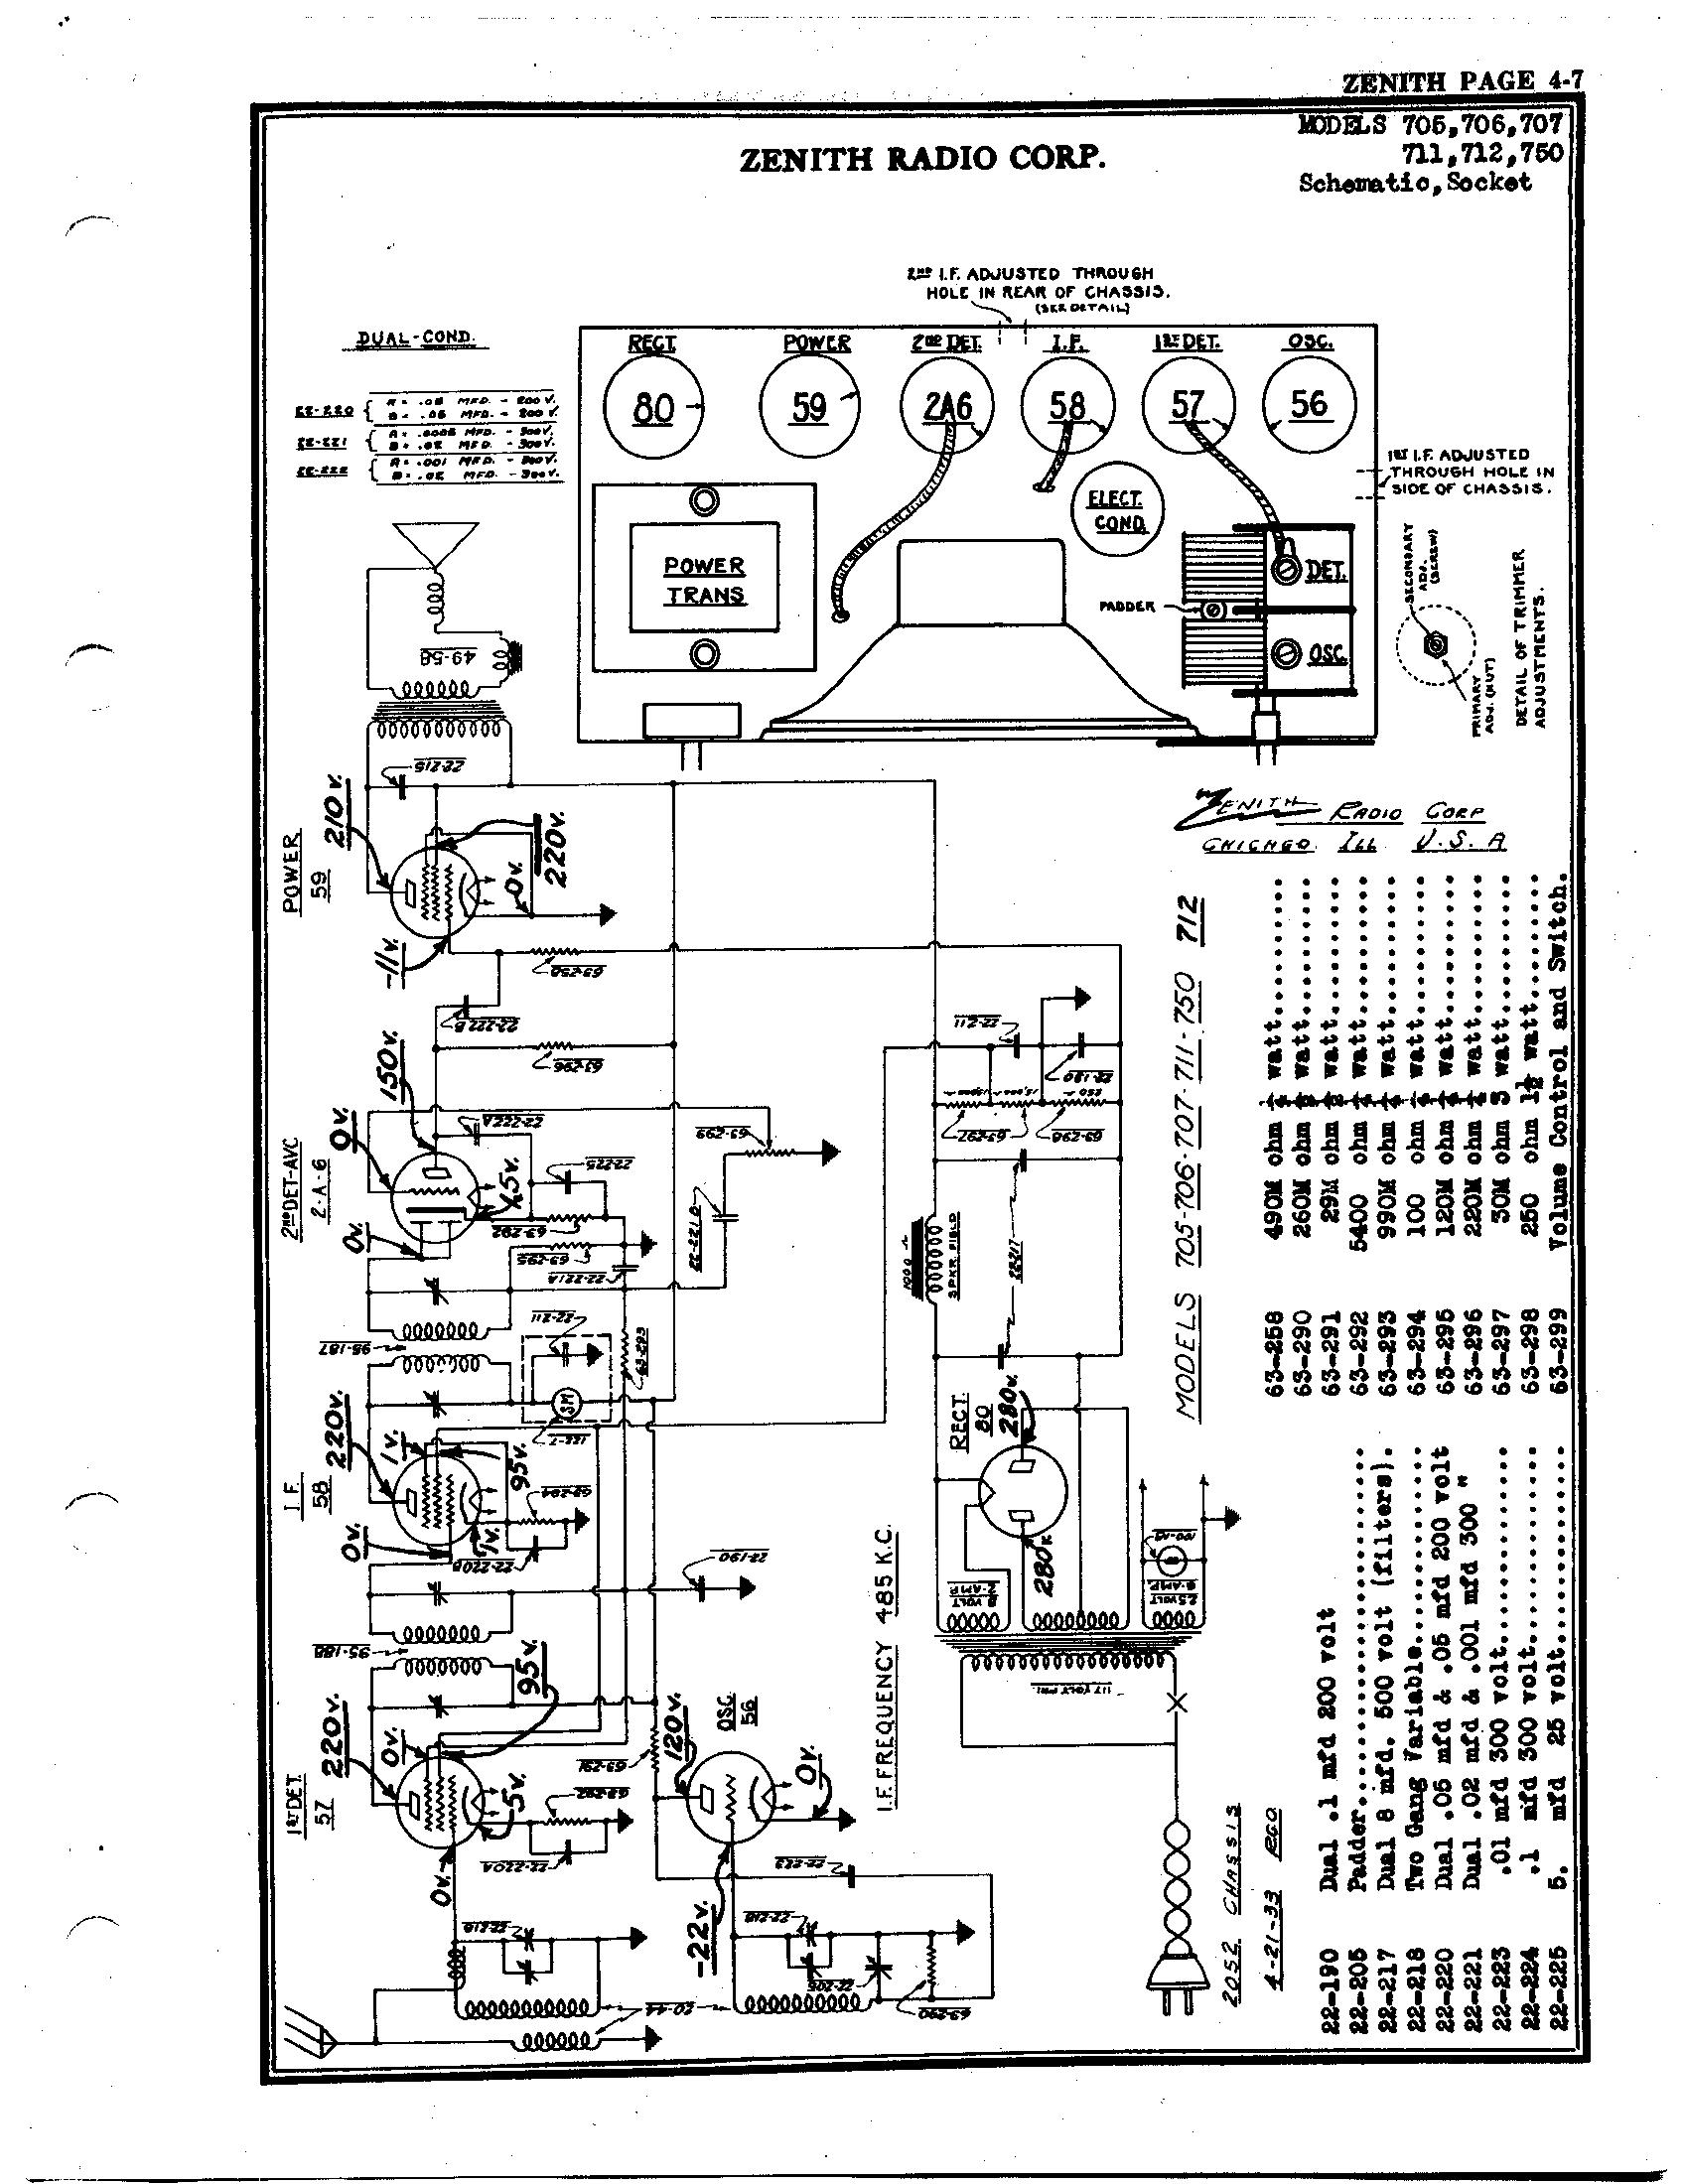 Zenith Radio Corp 707